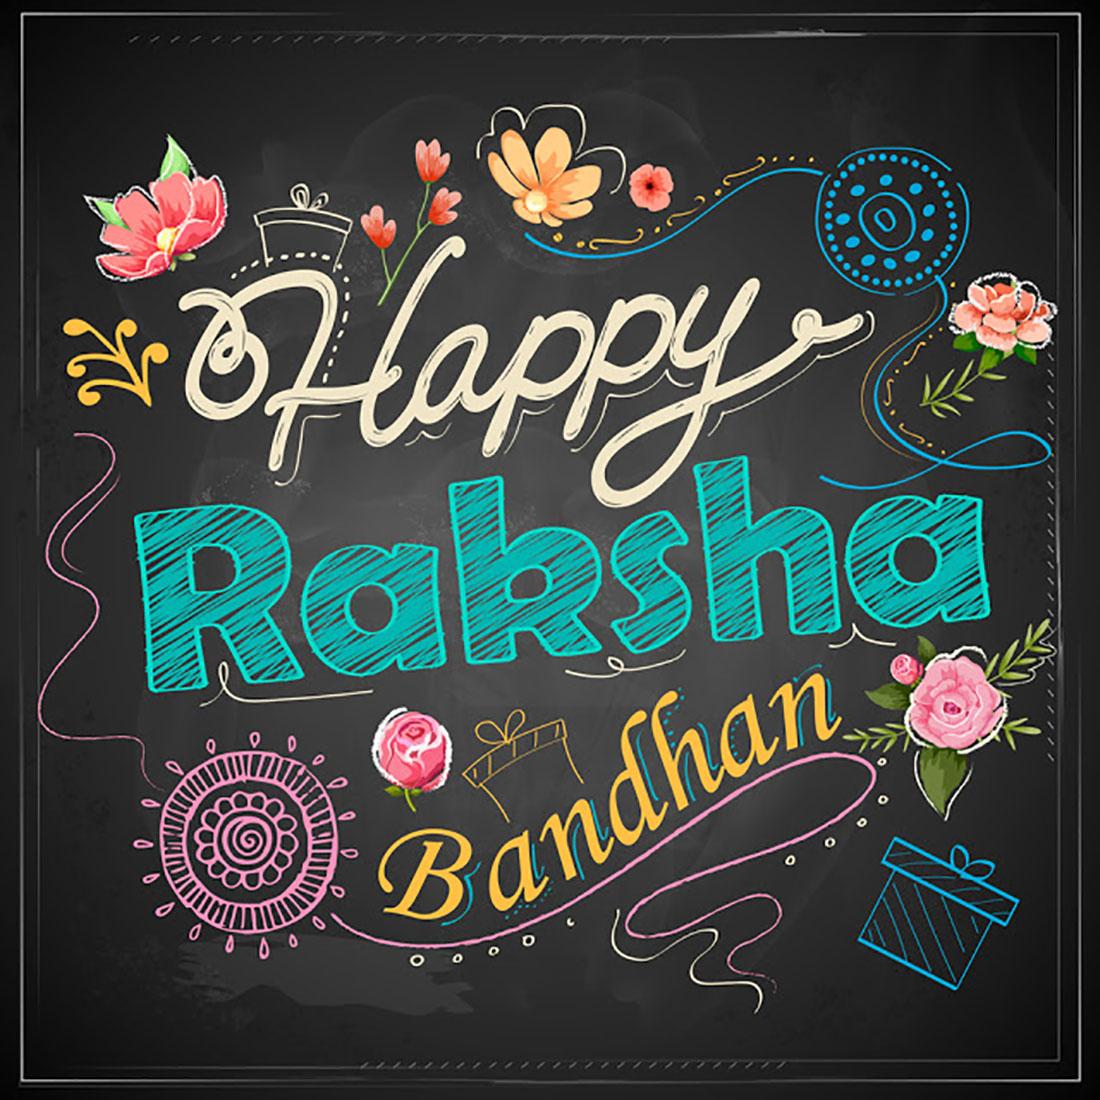 Raksha Bandhan images free download